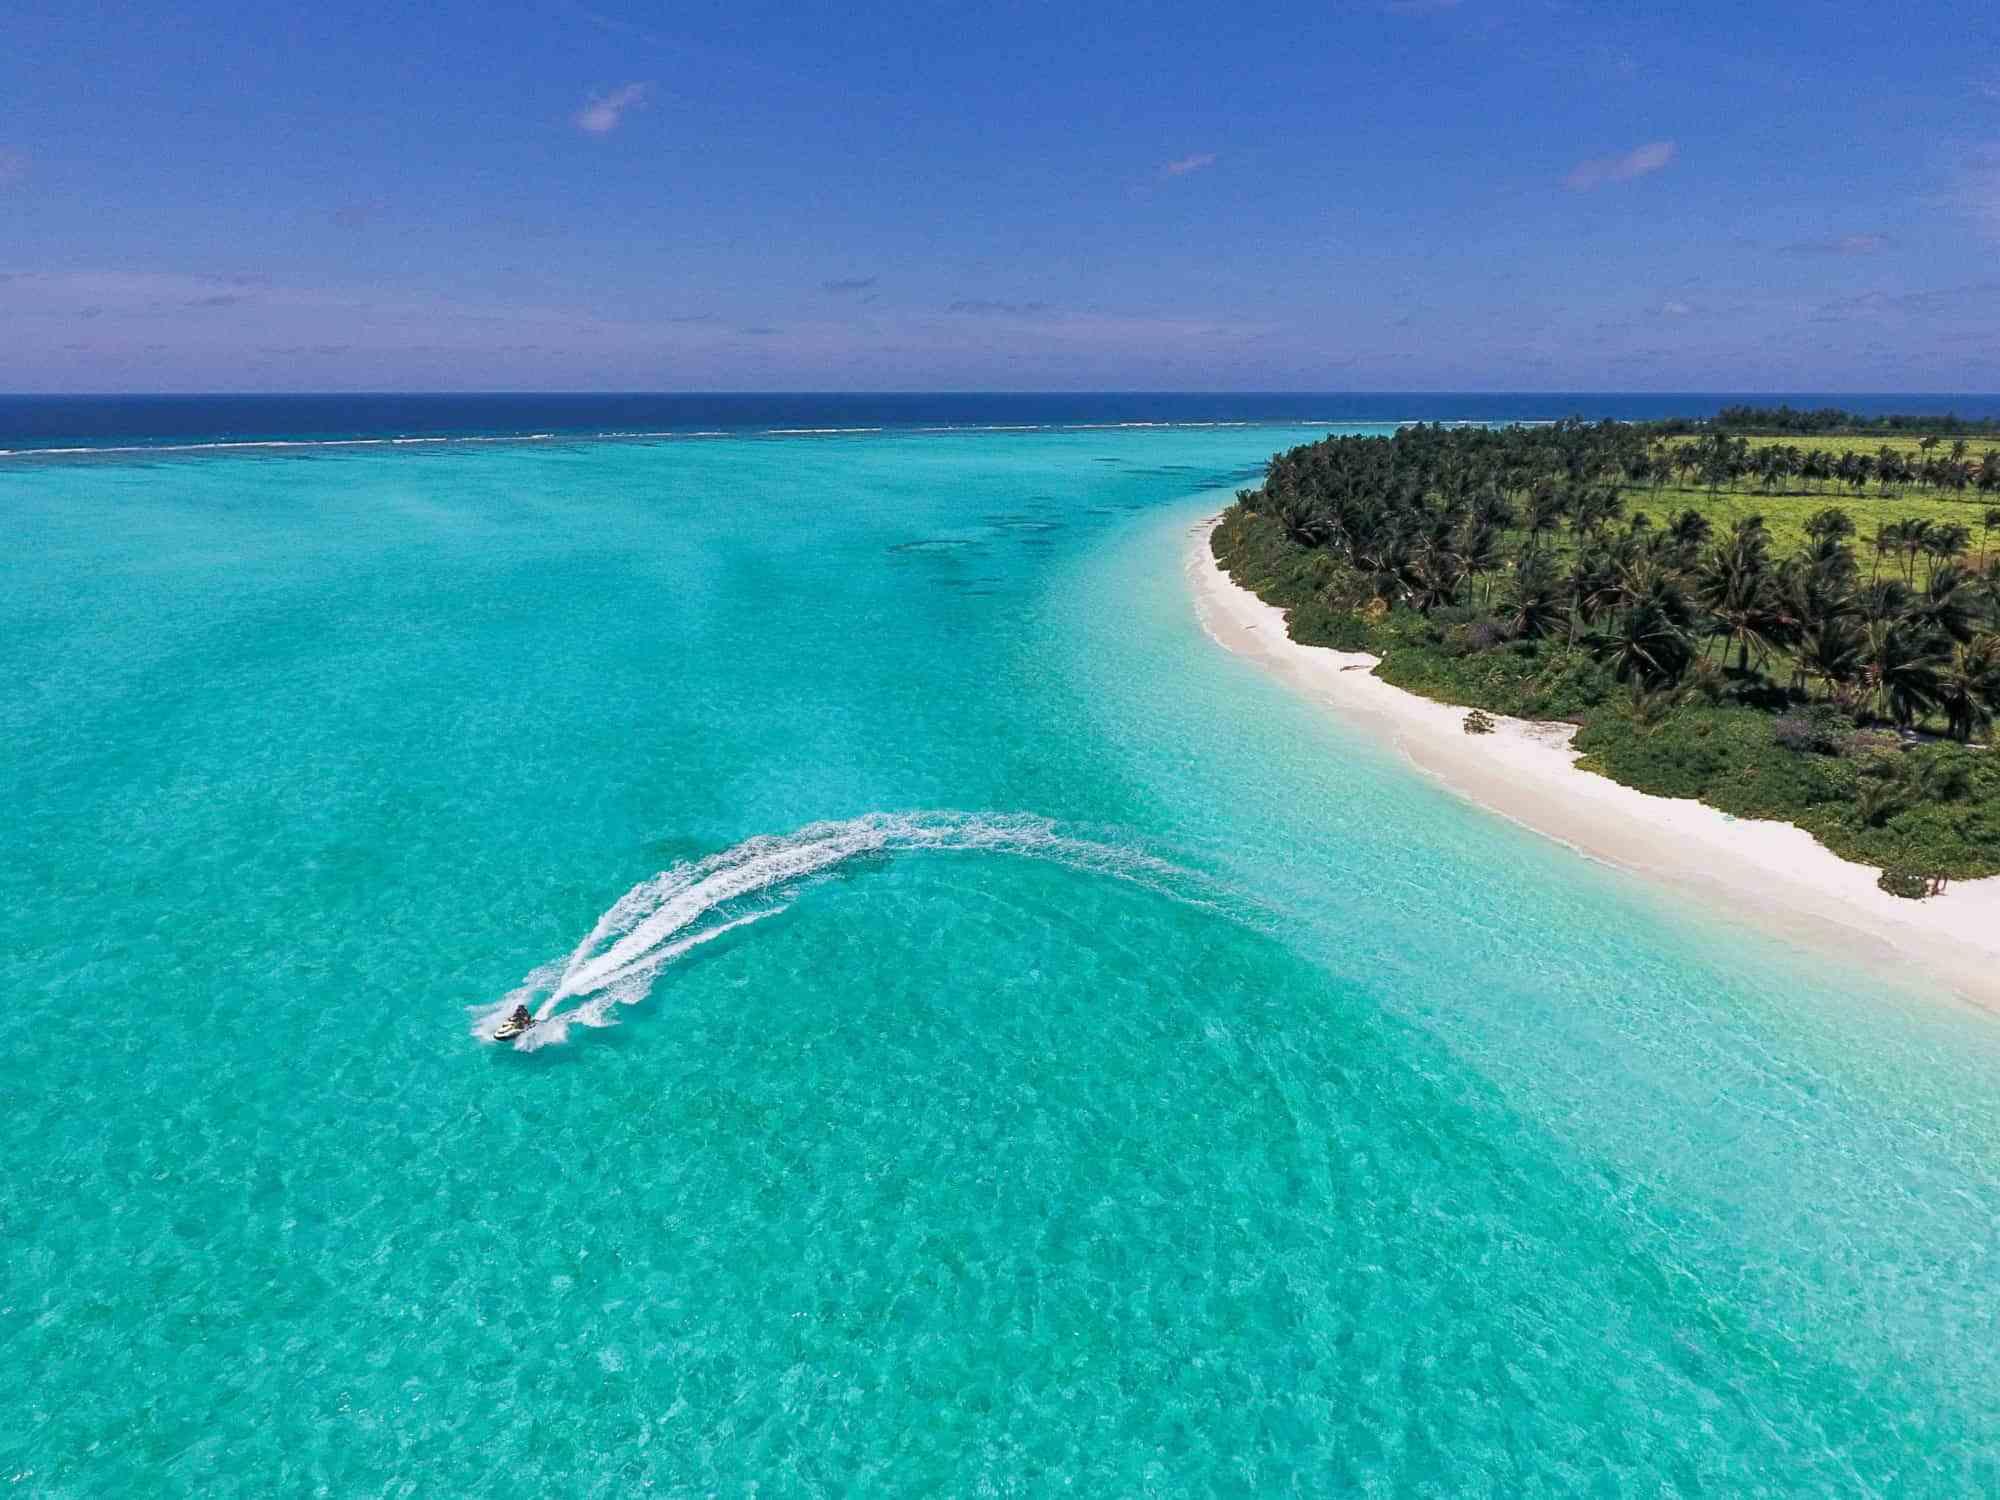 اهم اسرار جزر المالديف التى يجب معرفتها | اكتشف اسرار جزر المالديف